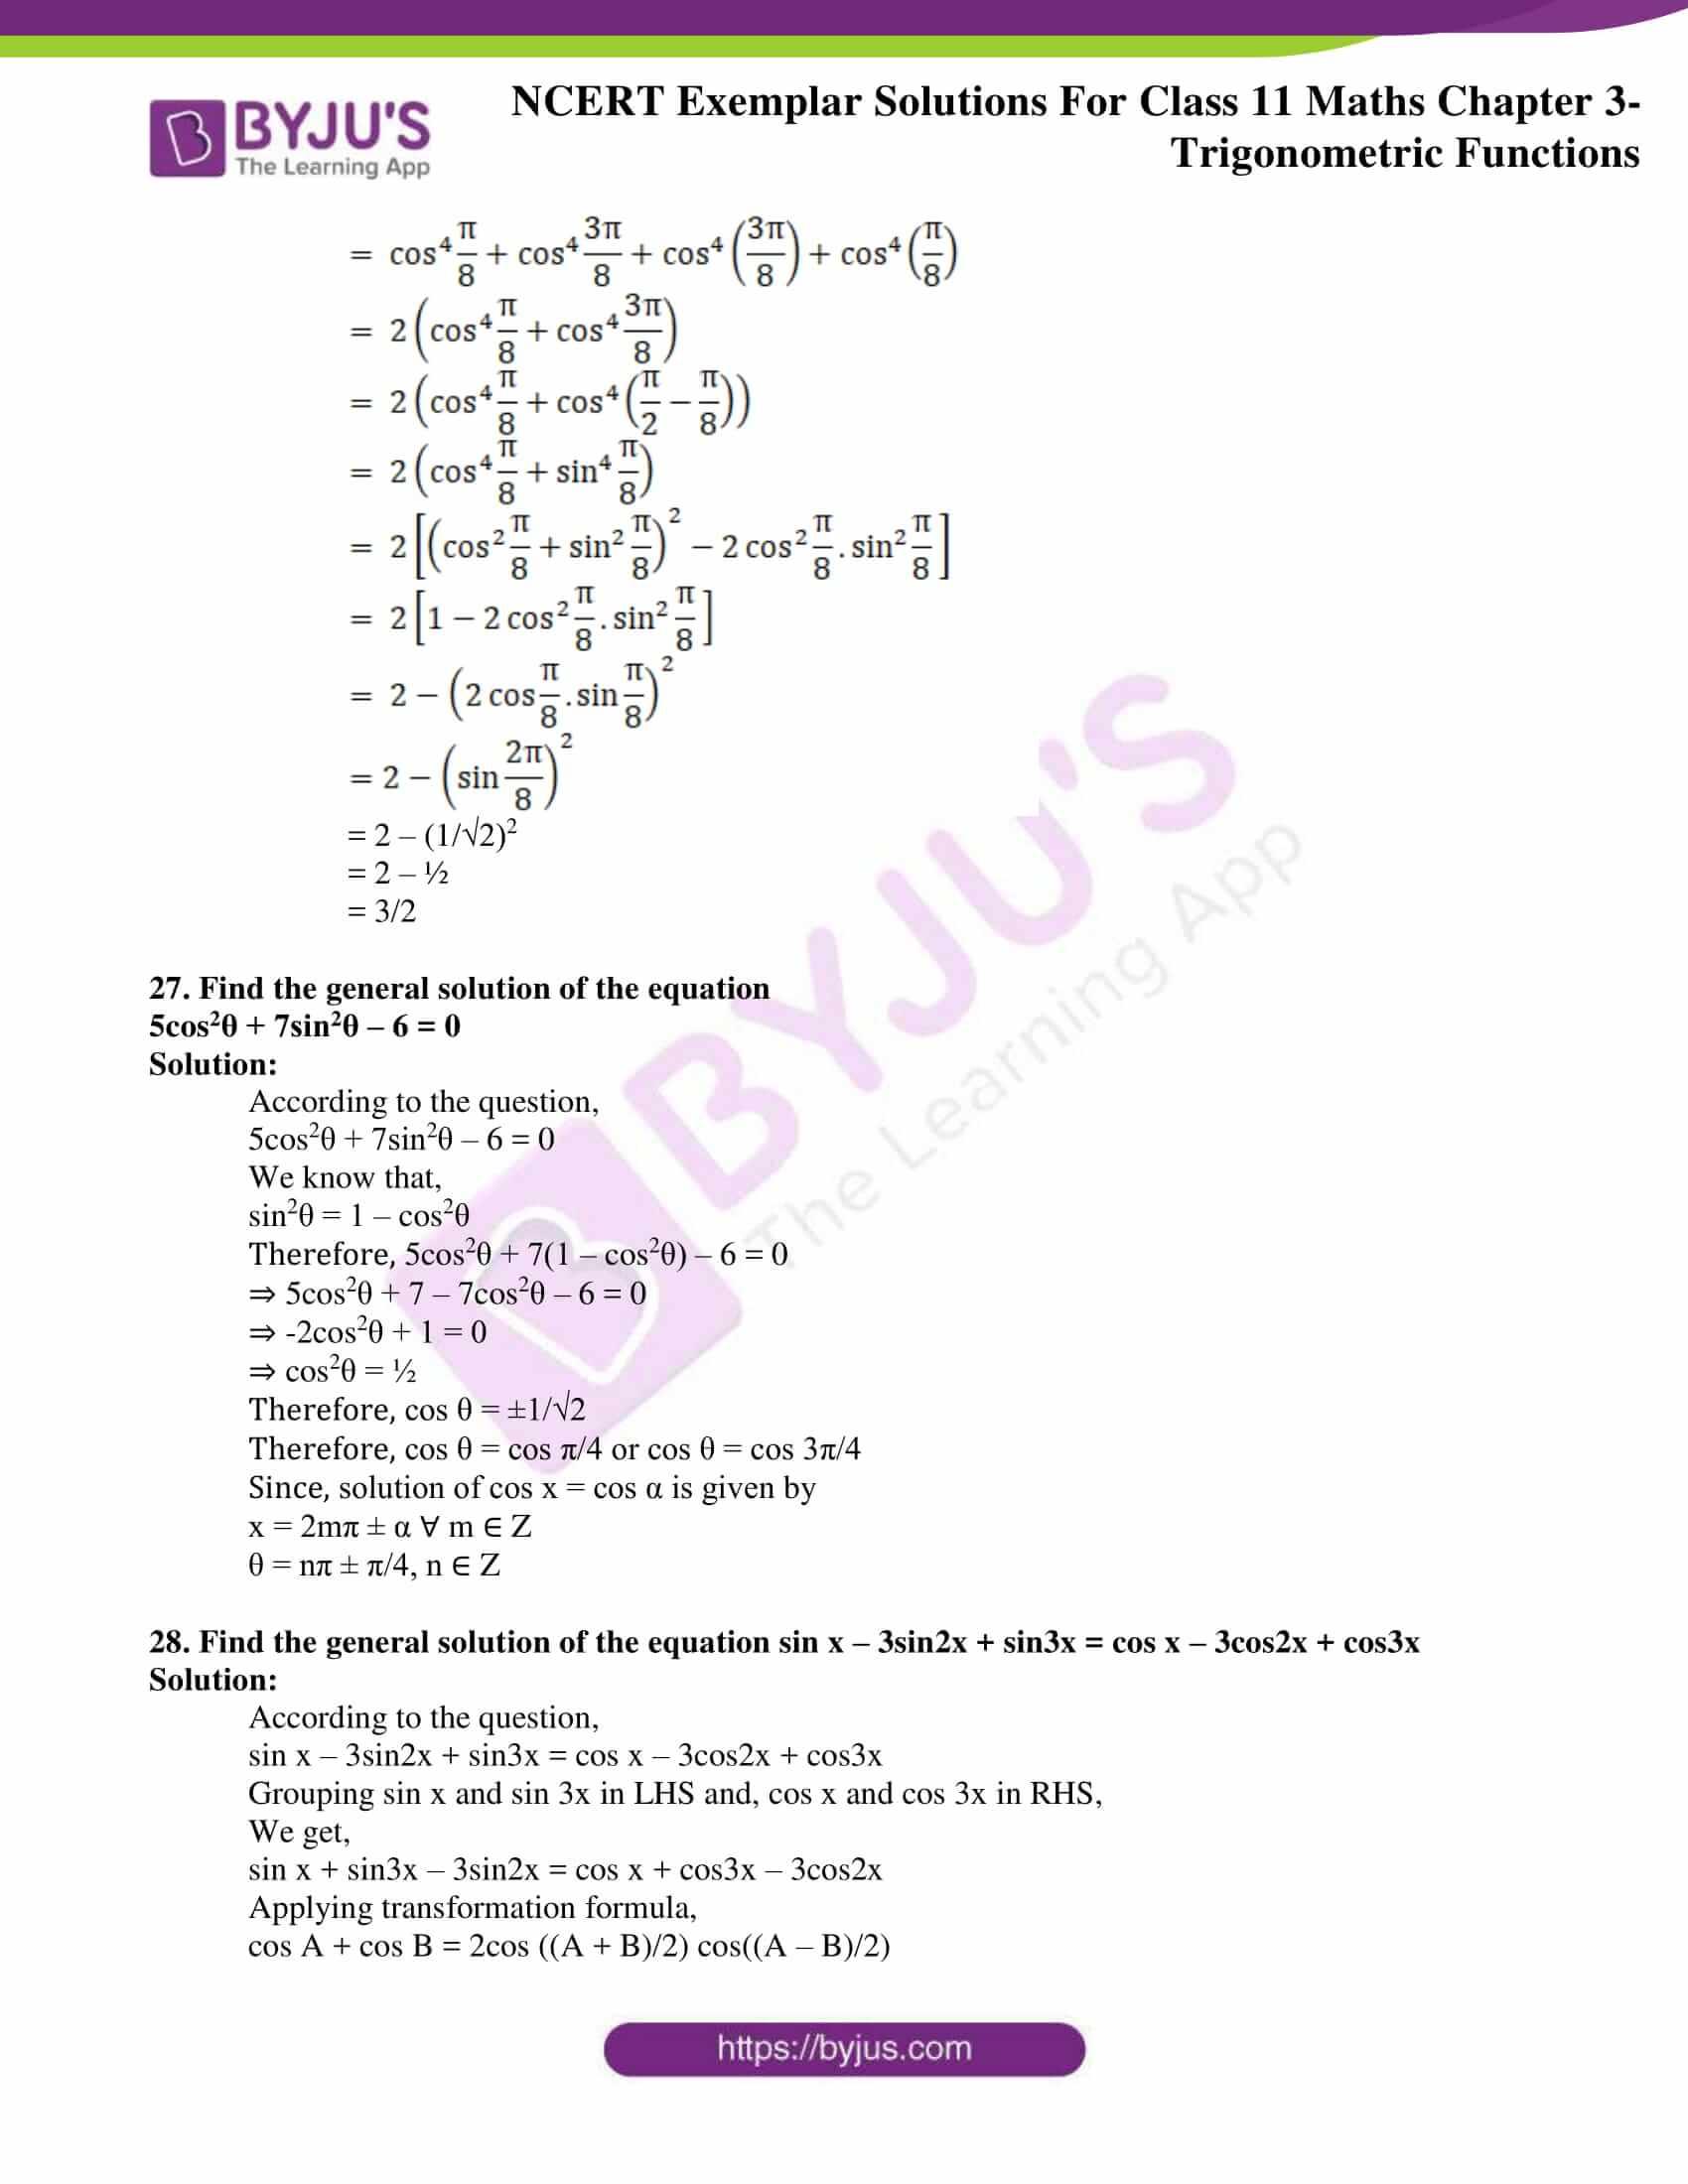 ncert exemplar solutions for class 11 maths chapter 3